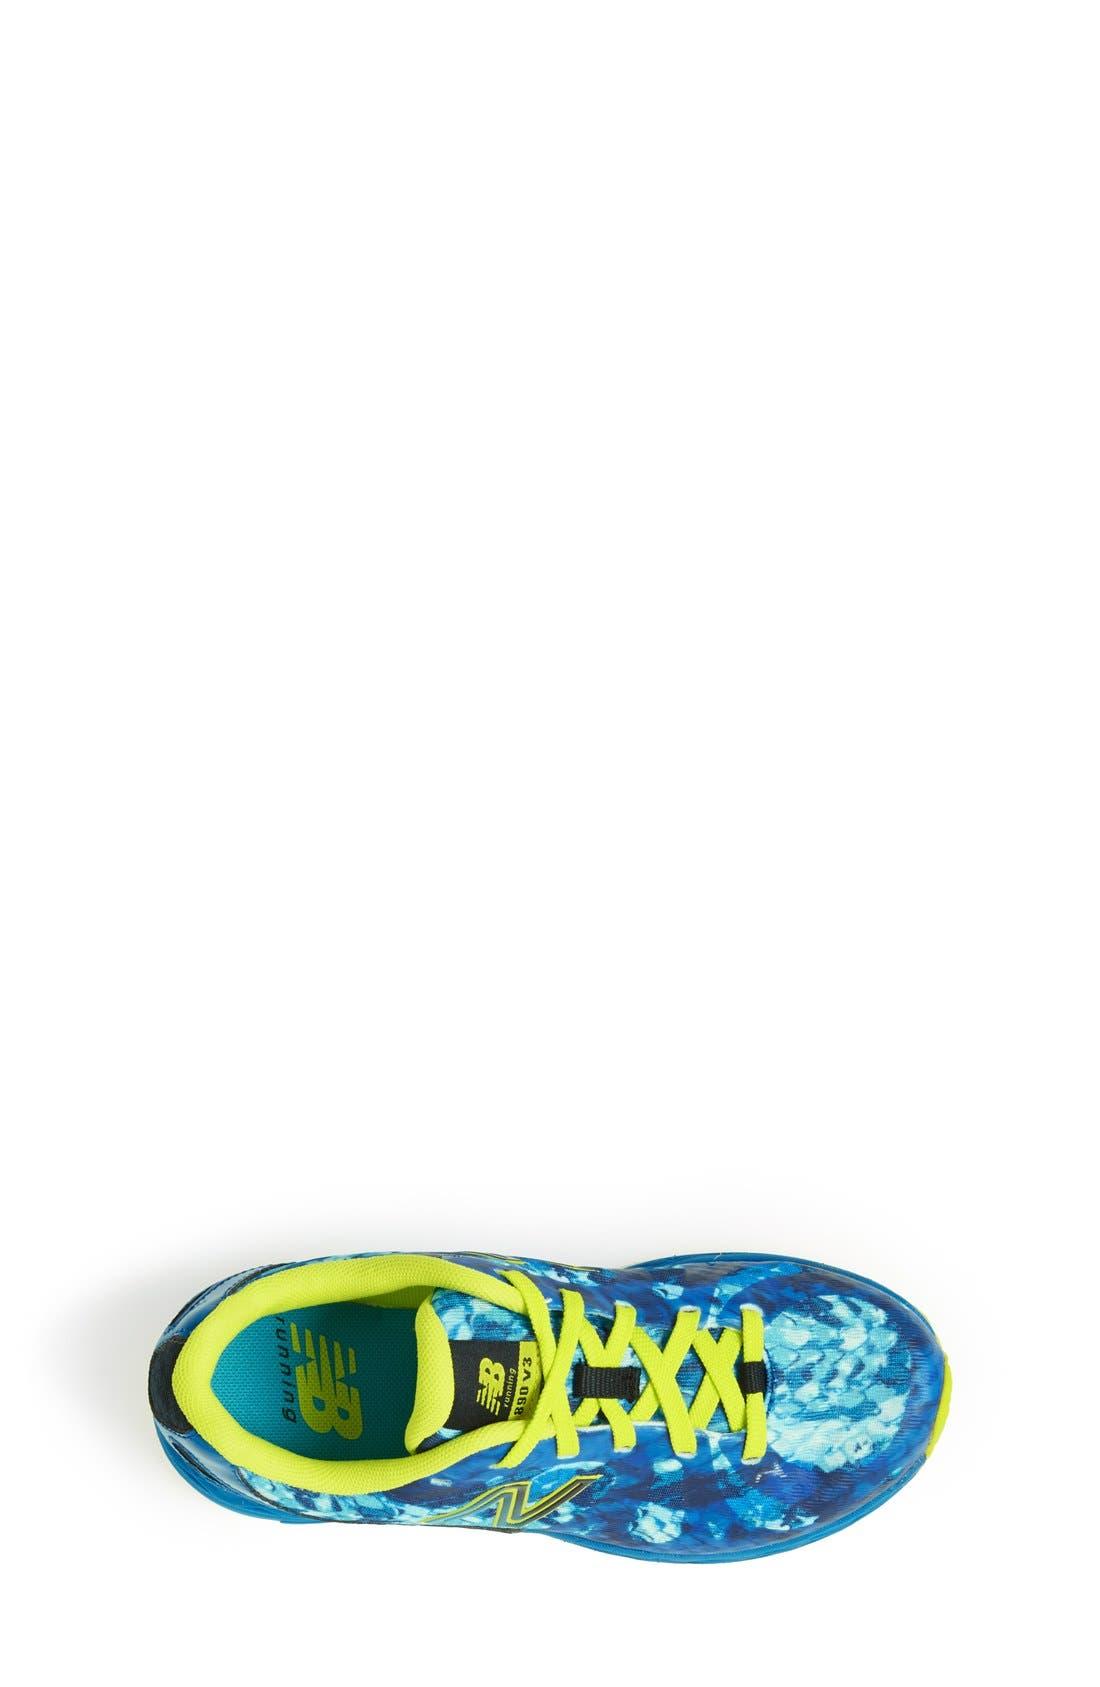 Alternate Image 3  - New Balance '890 - Python' Sneaker (Toddler & Little Kid)